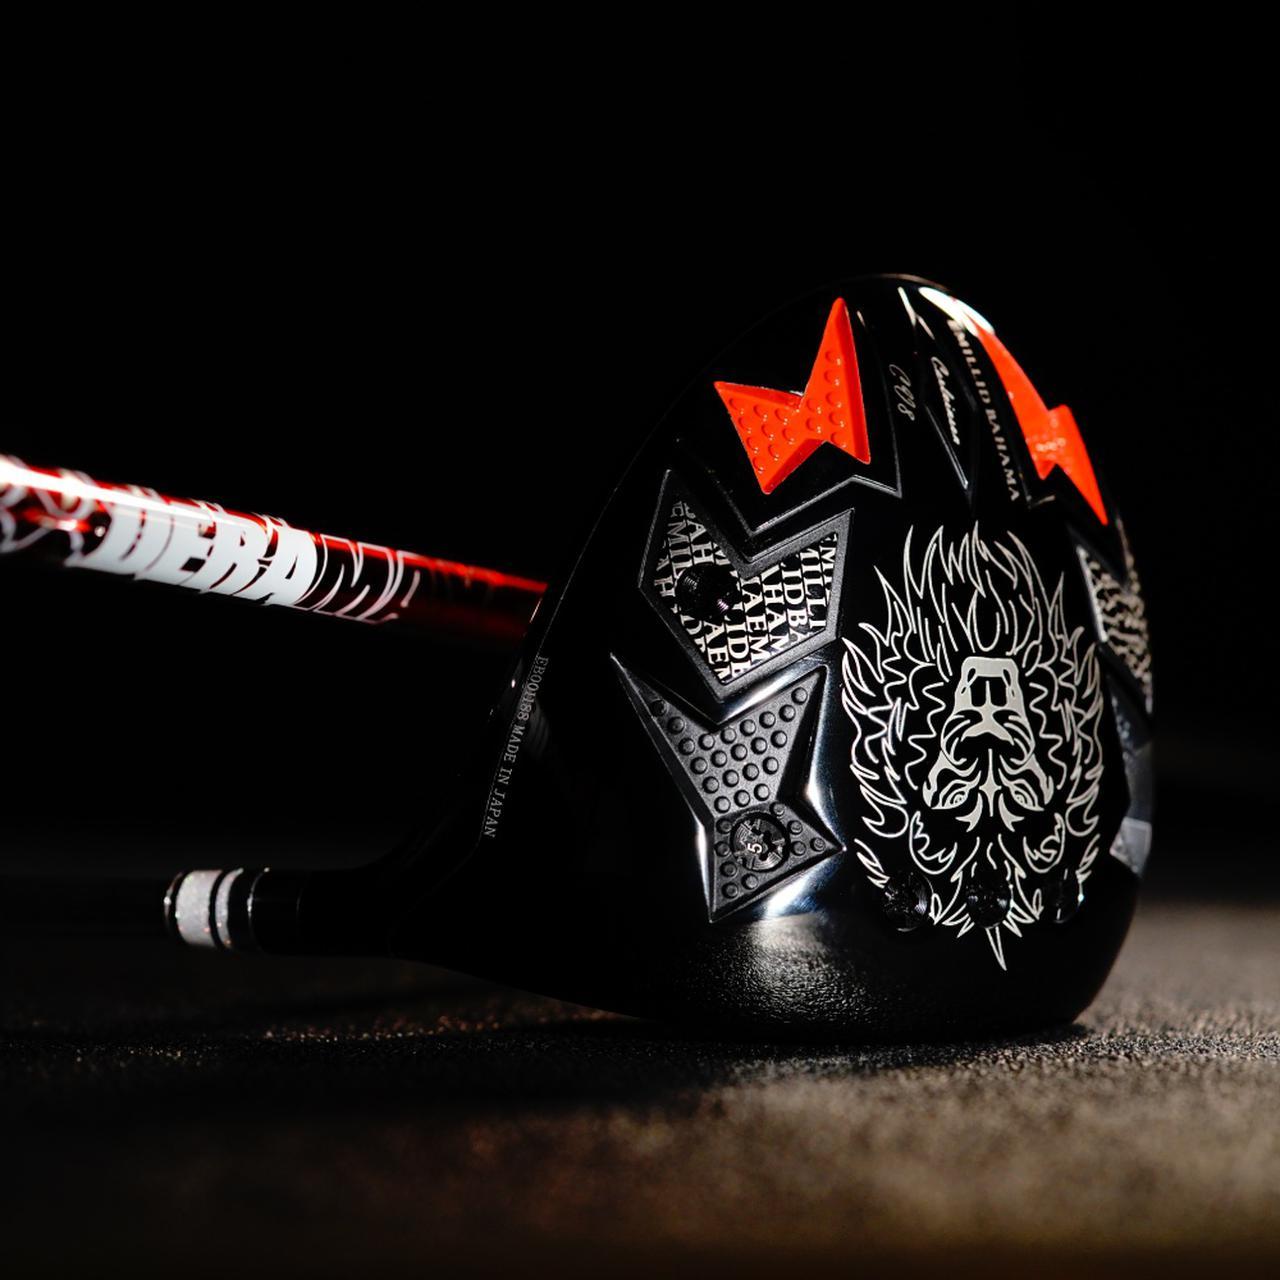 画像: 【ぶっ飛びドライバー】カールヴィンソン赤デラカスタム|ゴルフダイジェスト公式通販サイト「ゴルフポケット」